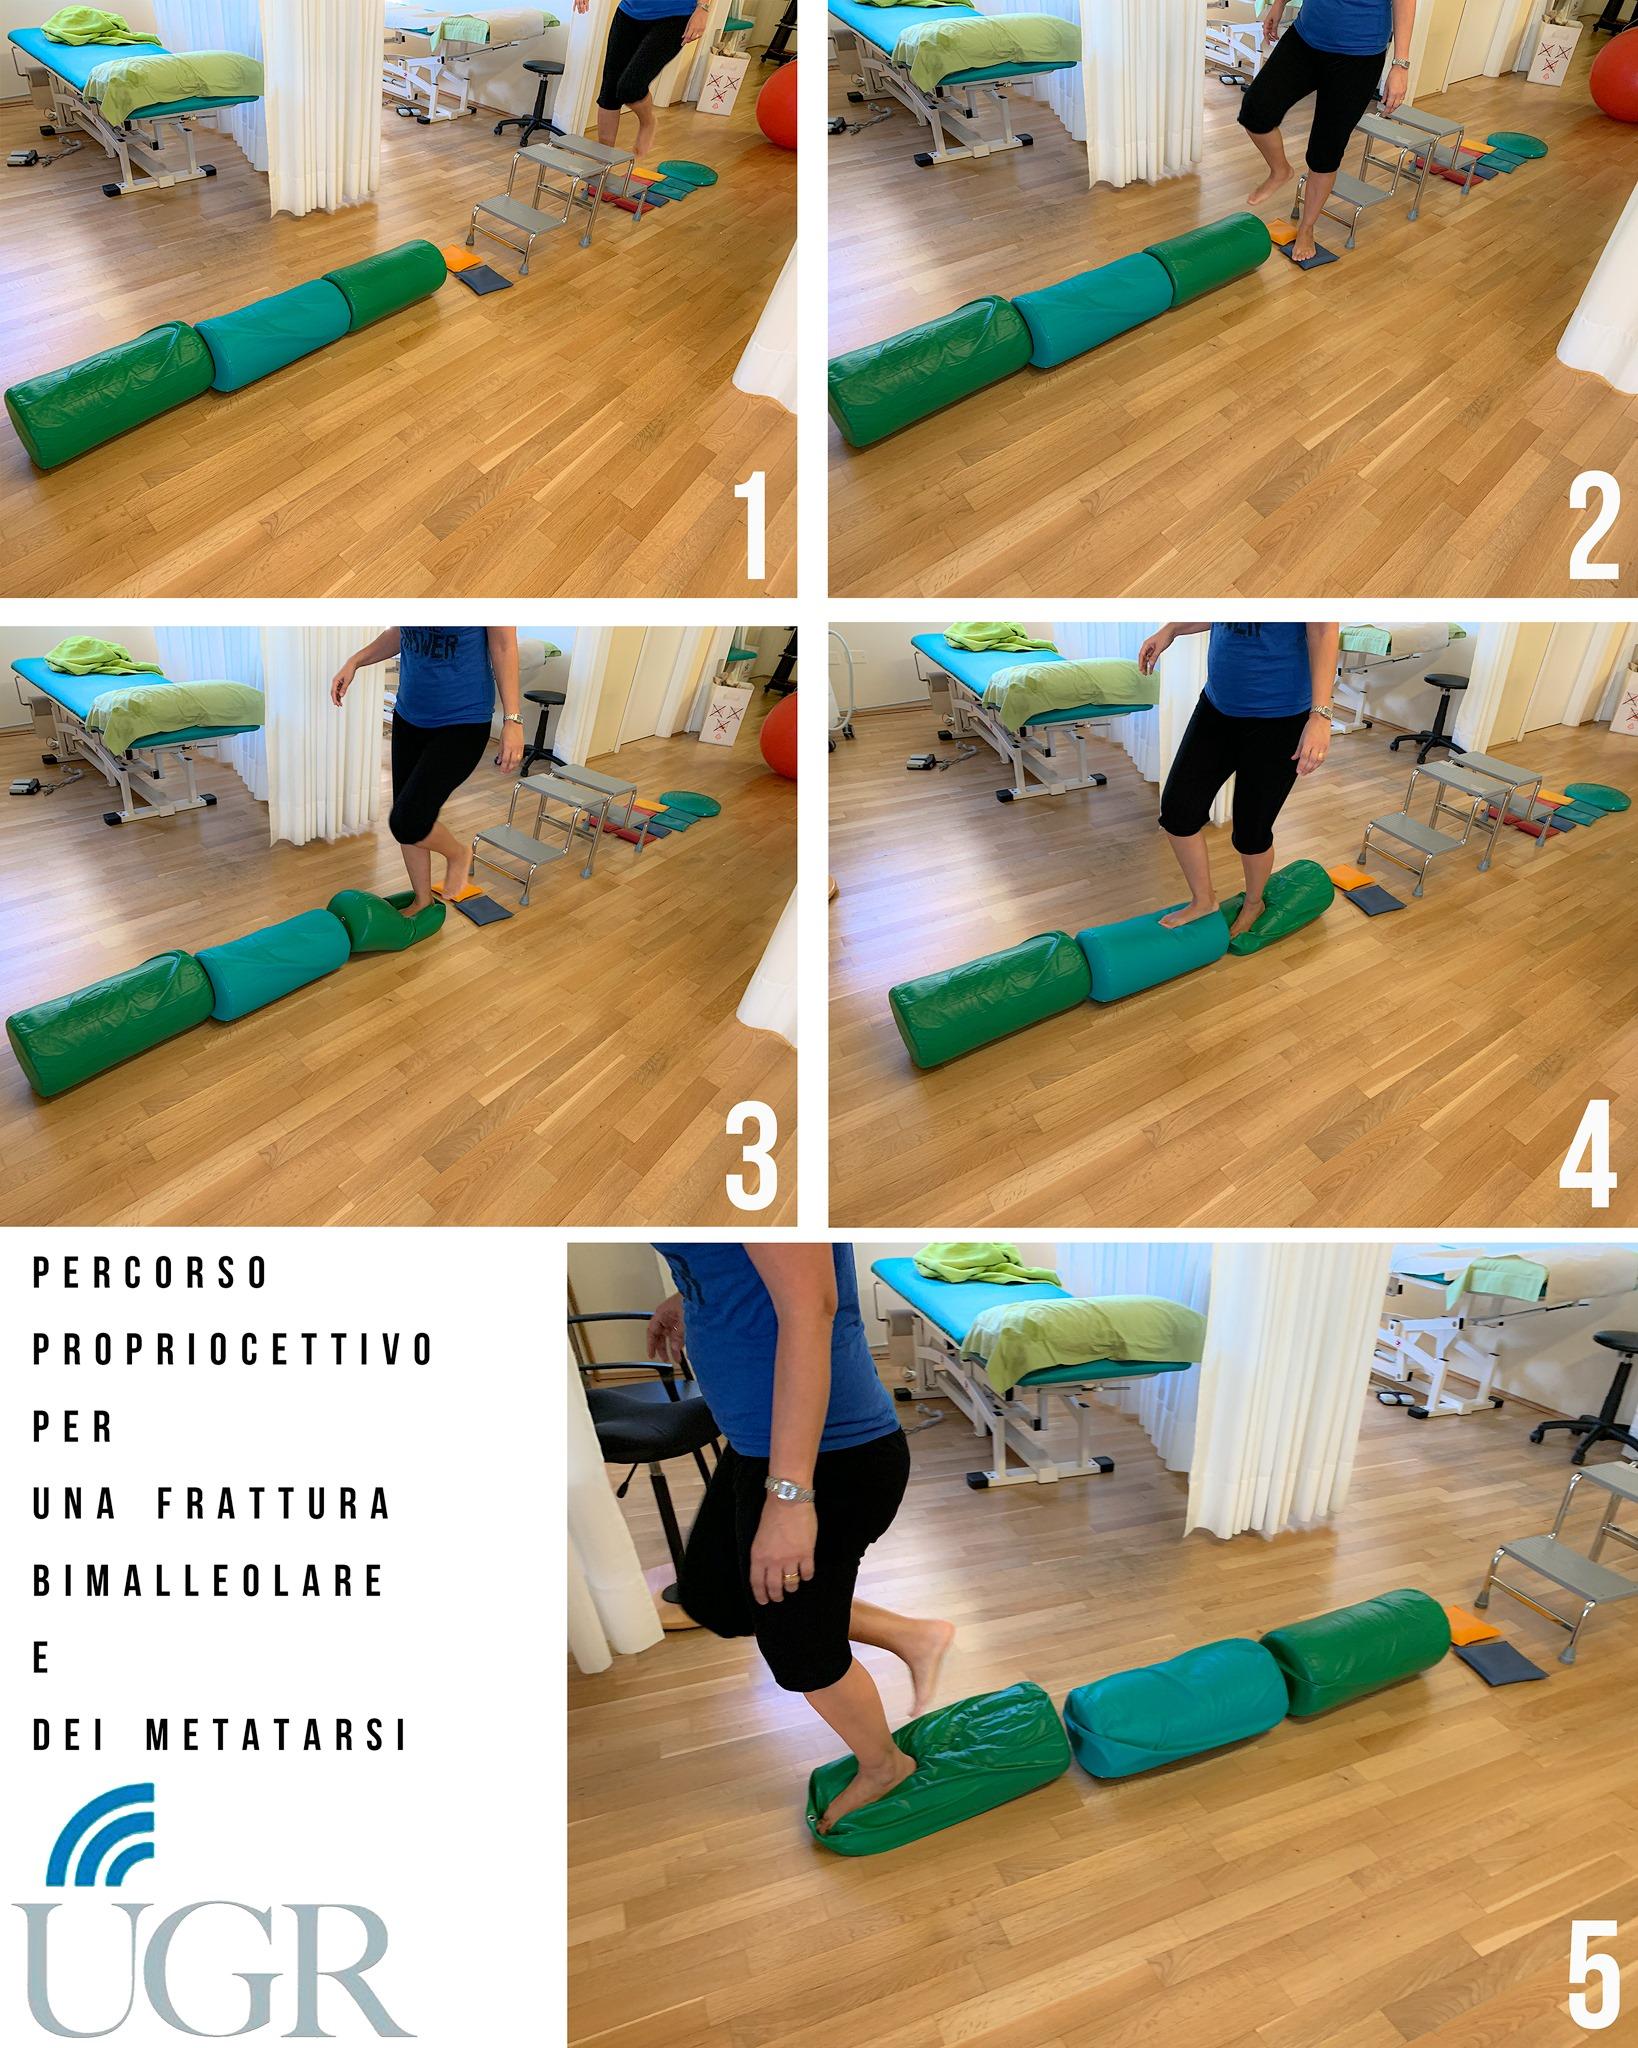 Percorso propriocettivo per una frattura bimalleolare e dei metatarsi.